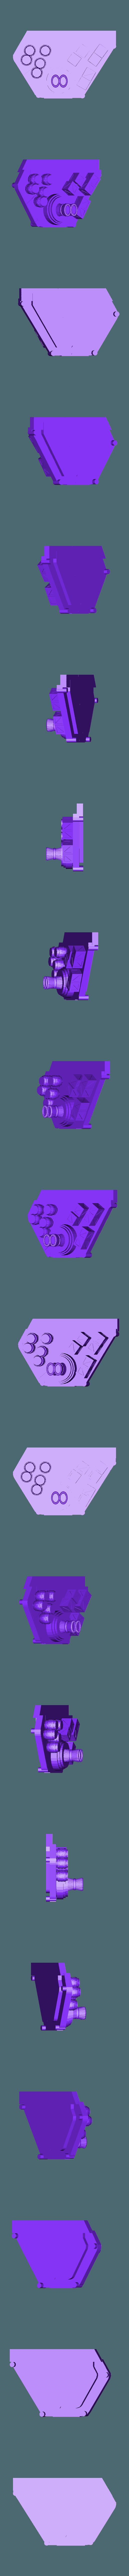 Catan_-_Harbor_Wheat.stl Télécharger fichier STL gratuit Jeu complet de carreaux Catan - Buse simple, multicouches multicolores • Objet pour impression 3D, Hardcore3D